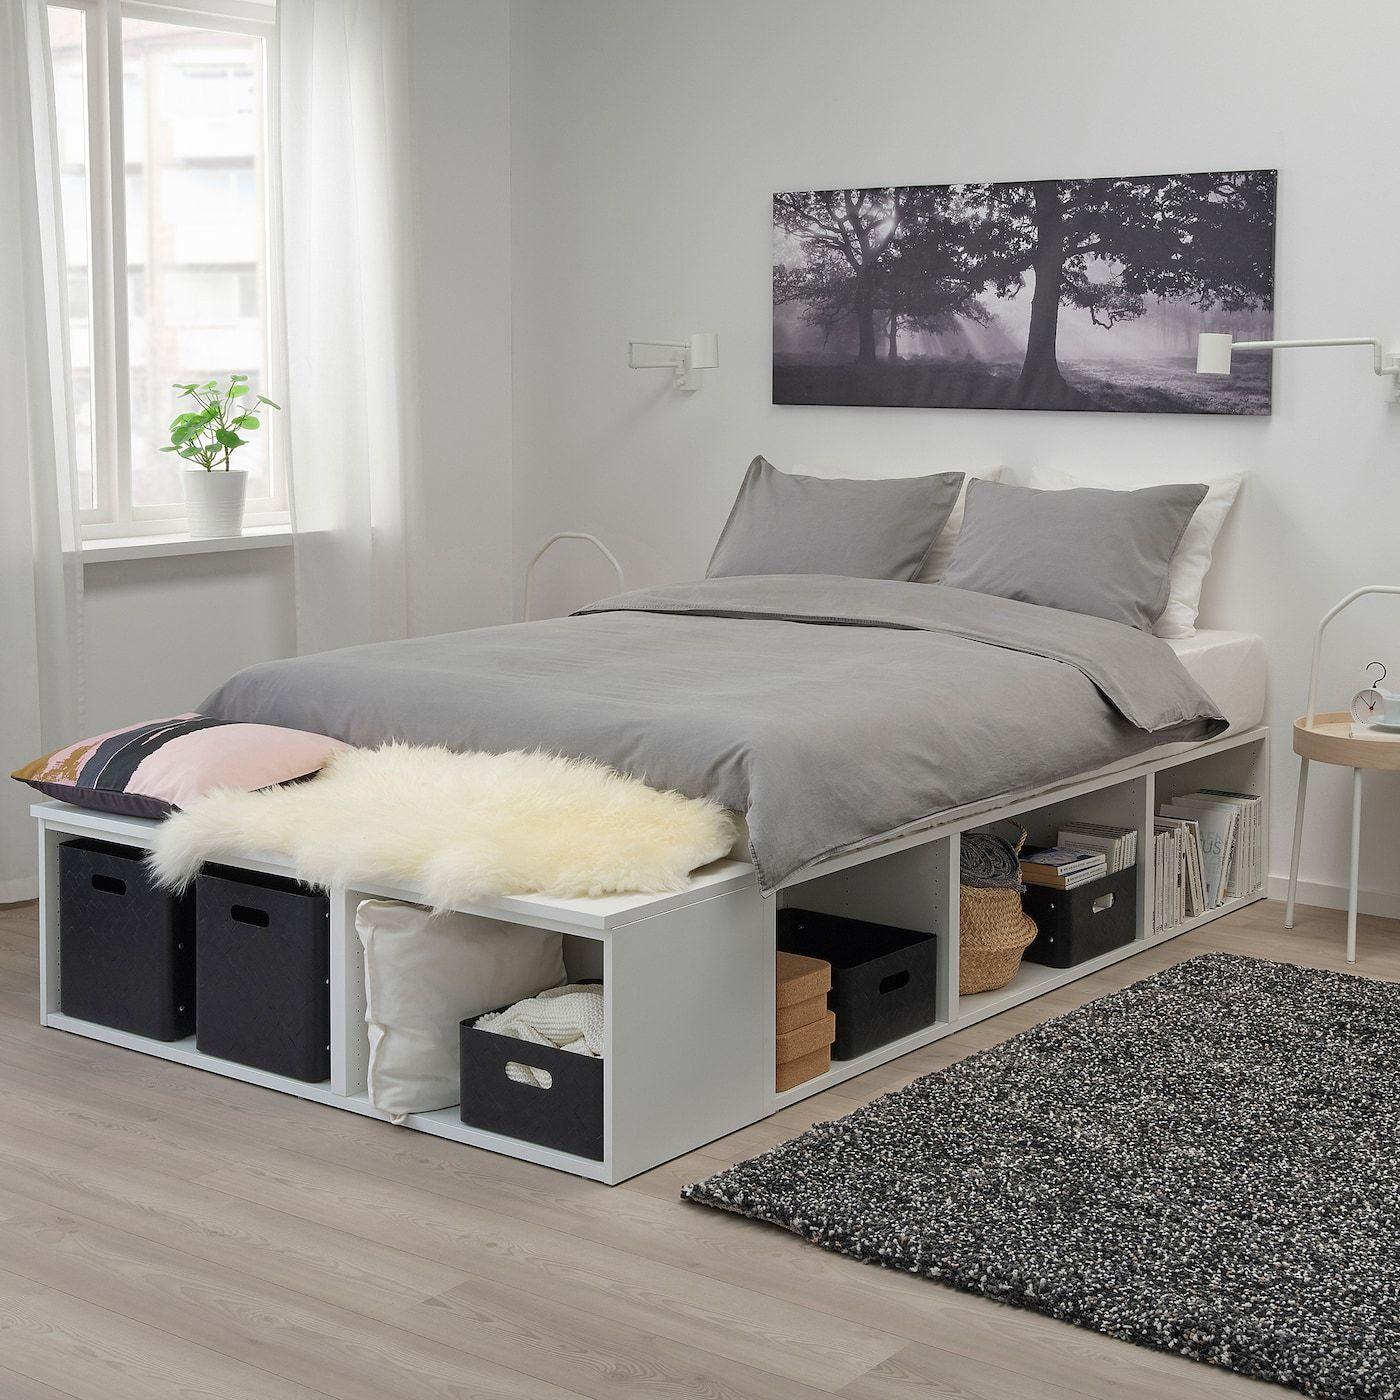 Platsa أبيض سرير مع تخزين مساحة تخزين العمق 40 سم الطول 244 سم ايكيا Ikea Bed Frames Bed Frame With Storage Diy Storage Bed